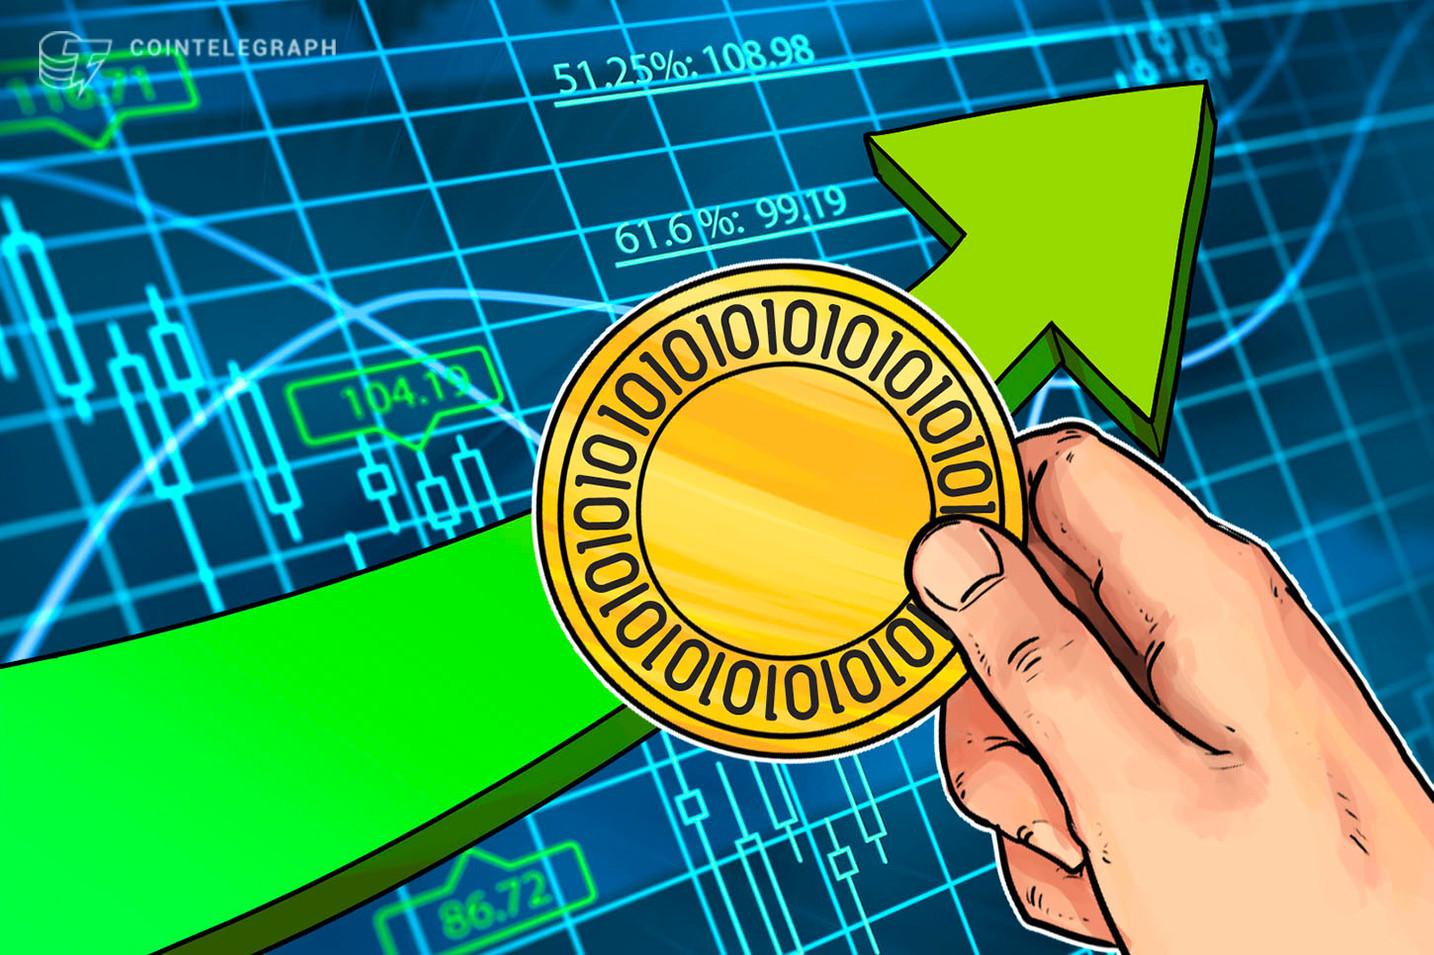 La criptomoneda Decred aumentó un 50% y superó a monedas DeFi